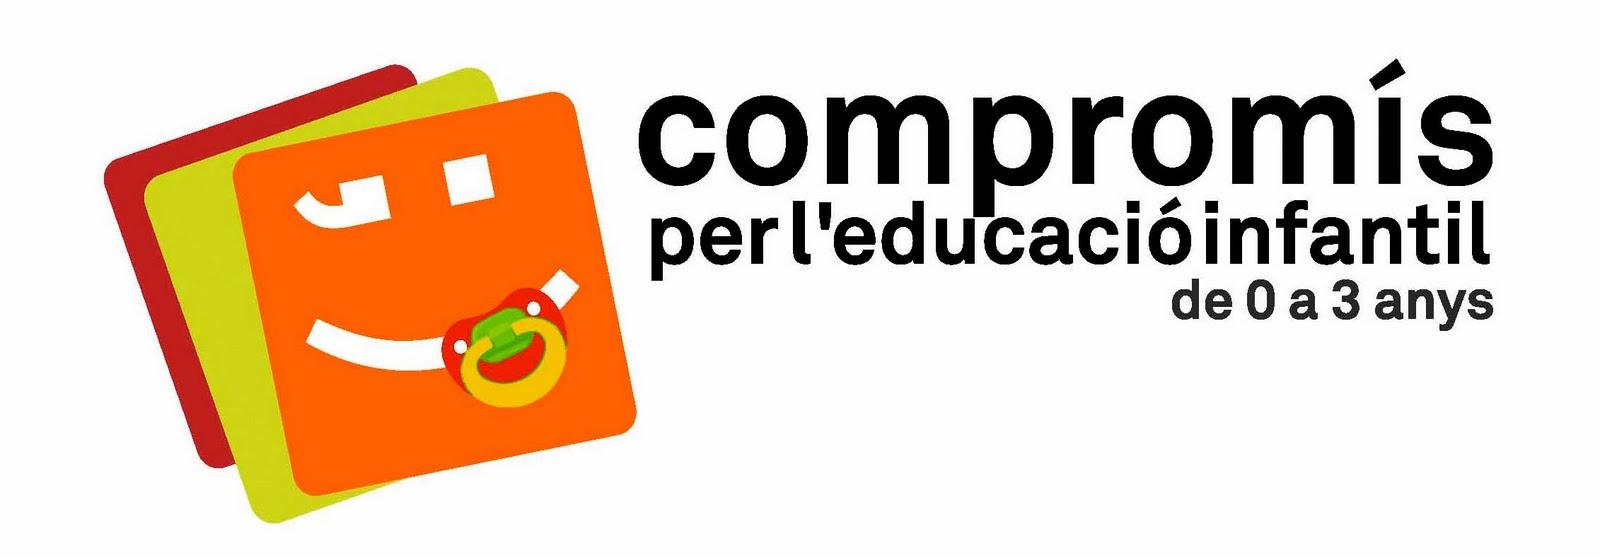 Proyecto de Ley de Respeto al Profesorado [GVA] Logo_ilp_1